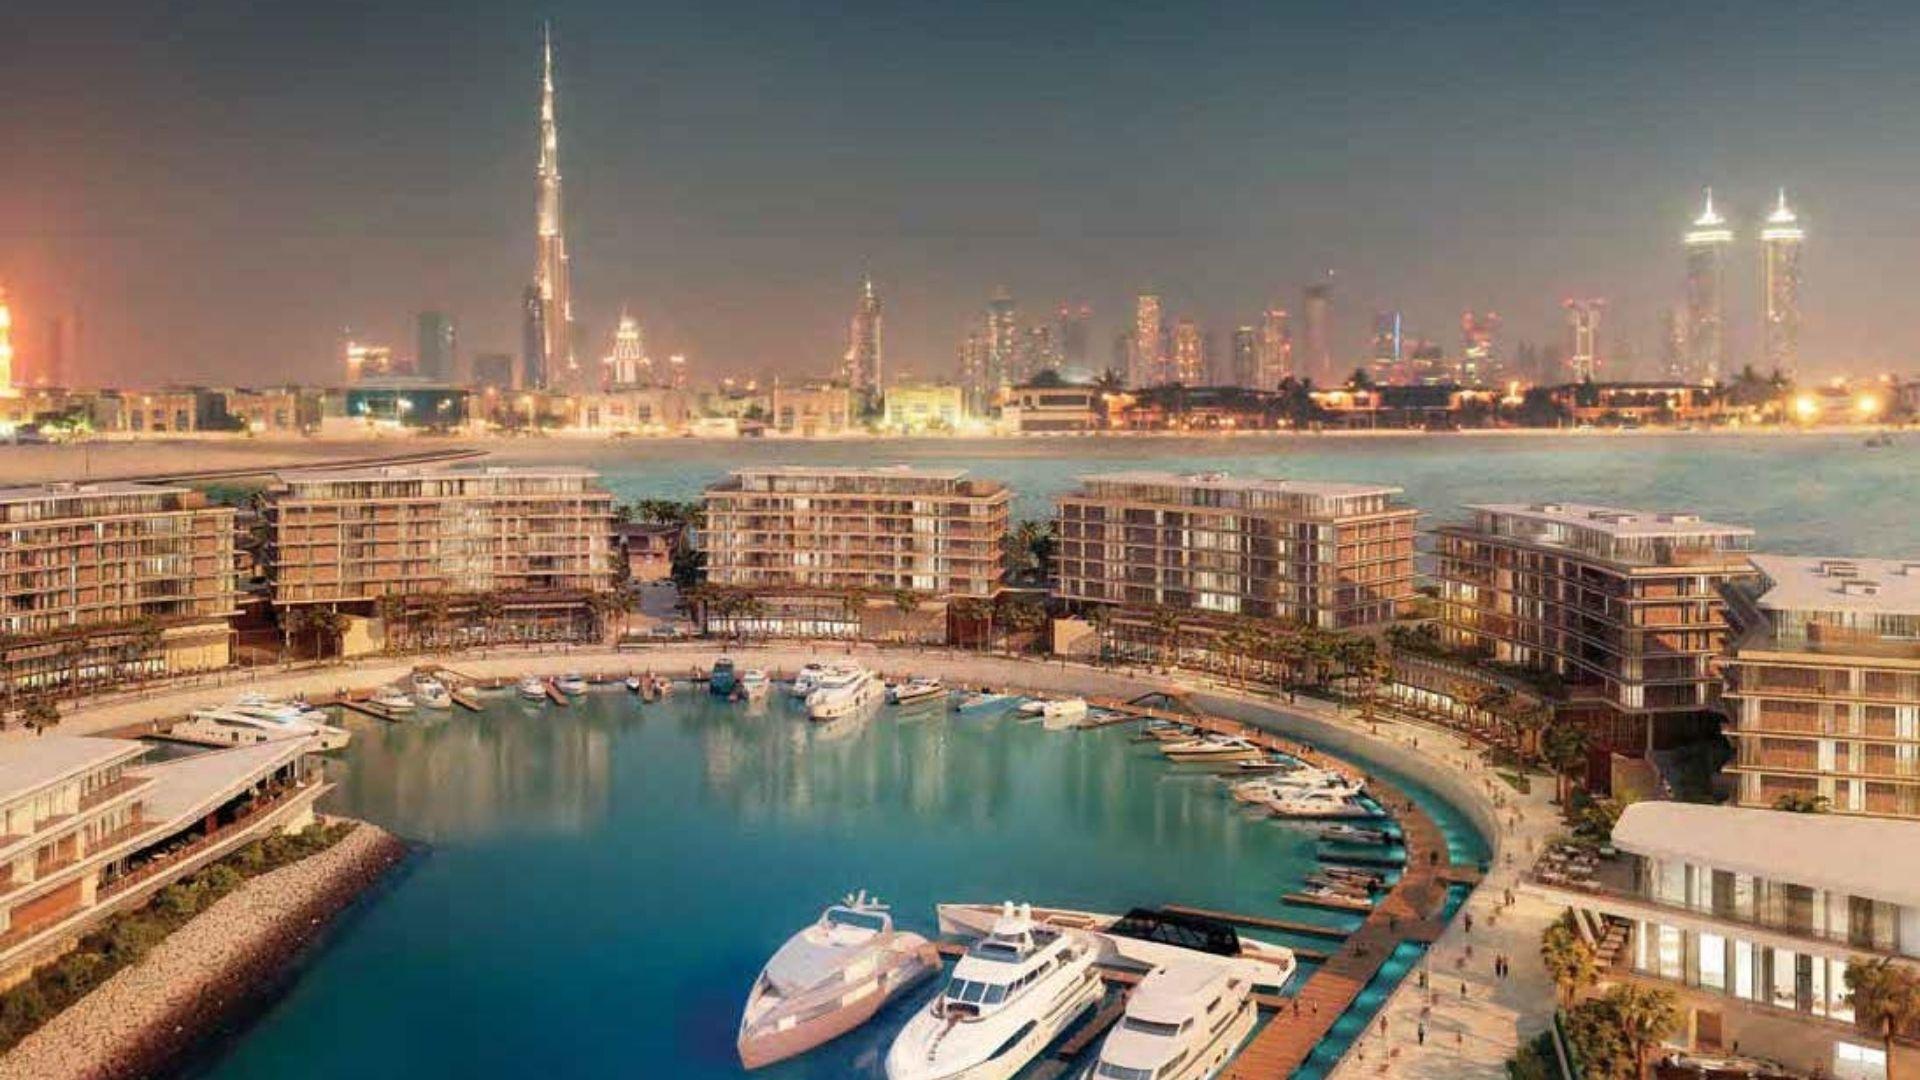 6 - Живите как члены королевской семьи в этих удивительных роскошных домах в Дубае